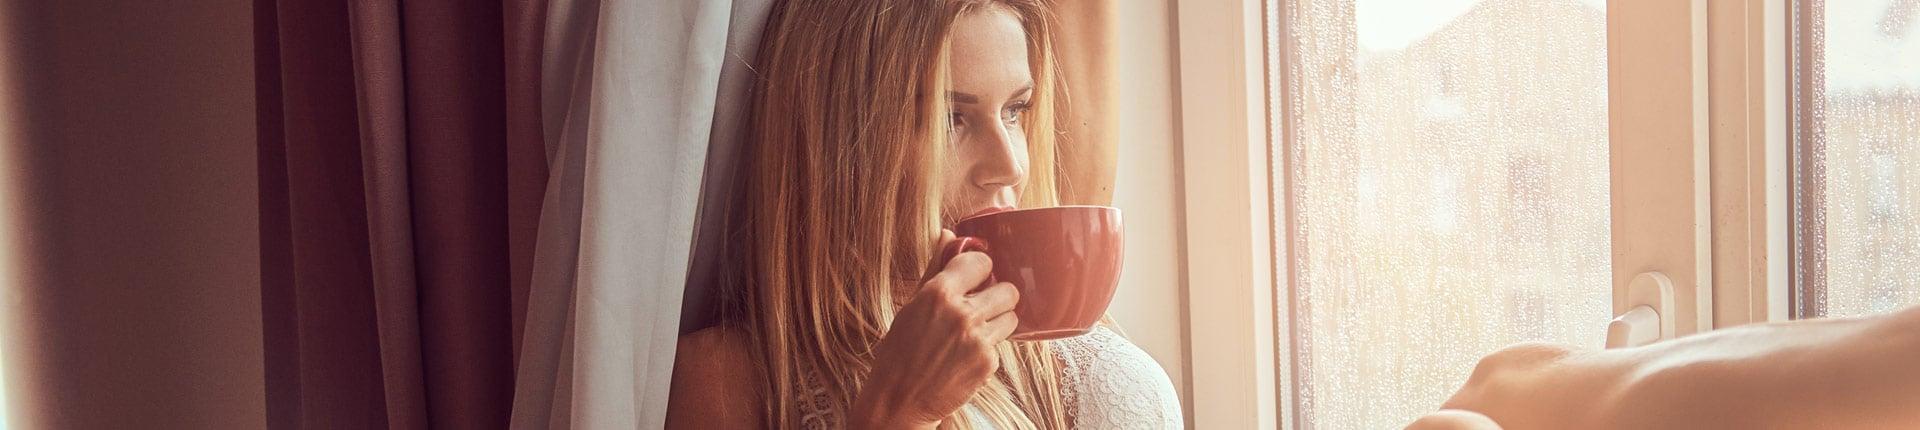 Czy picie kawy działa odwadniająco?